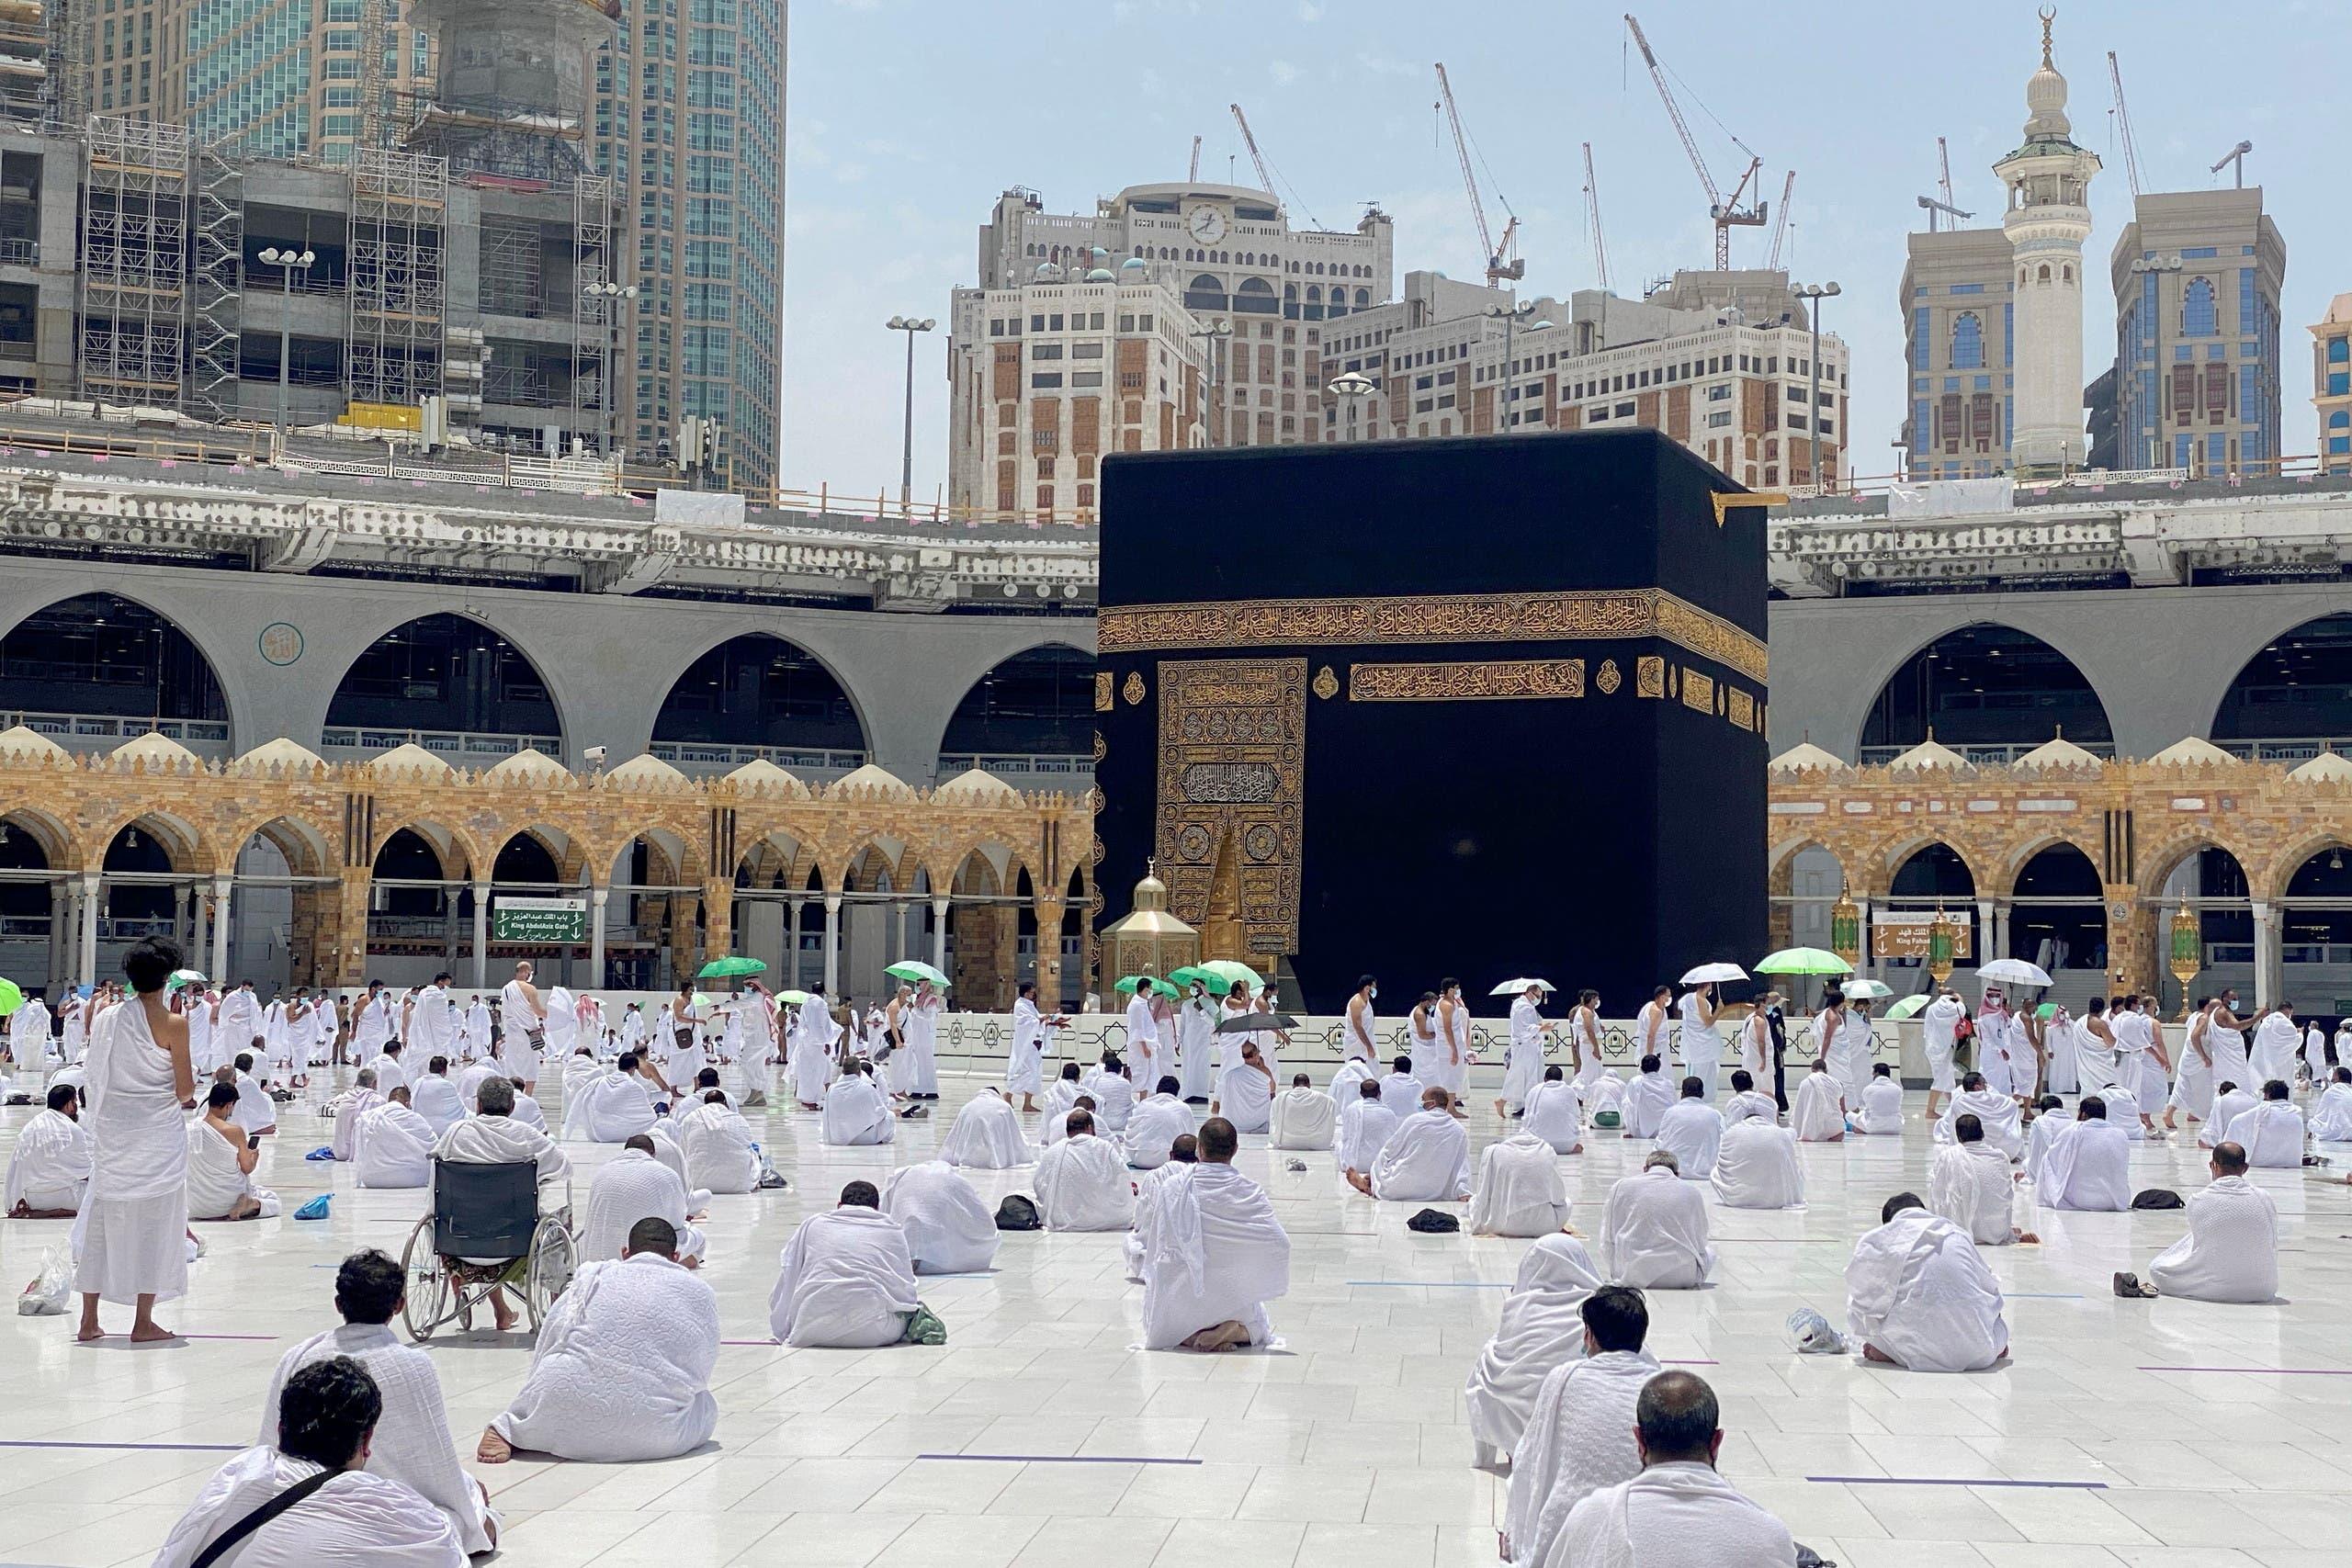 مکہ مکرمہ کی مسجد حرام میں ماہ رمضان کے پہلے جمعہ کے موقع پر نمازی حضرات جمعہ کی نماز پڑھ رہے ہیں۔ [رائیٹرز]